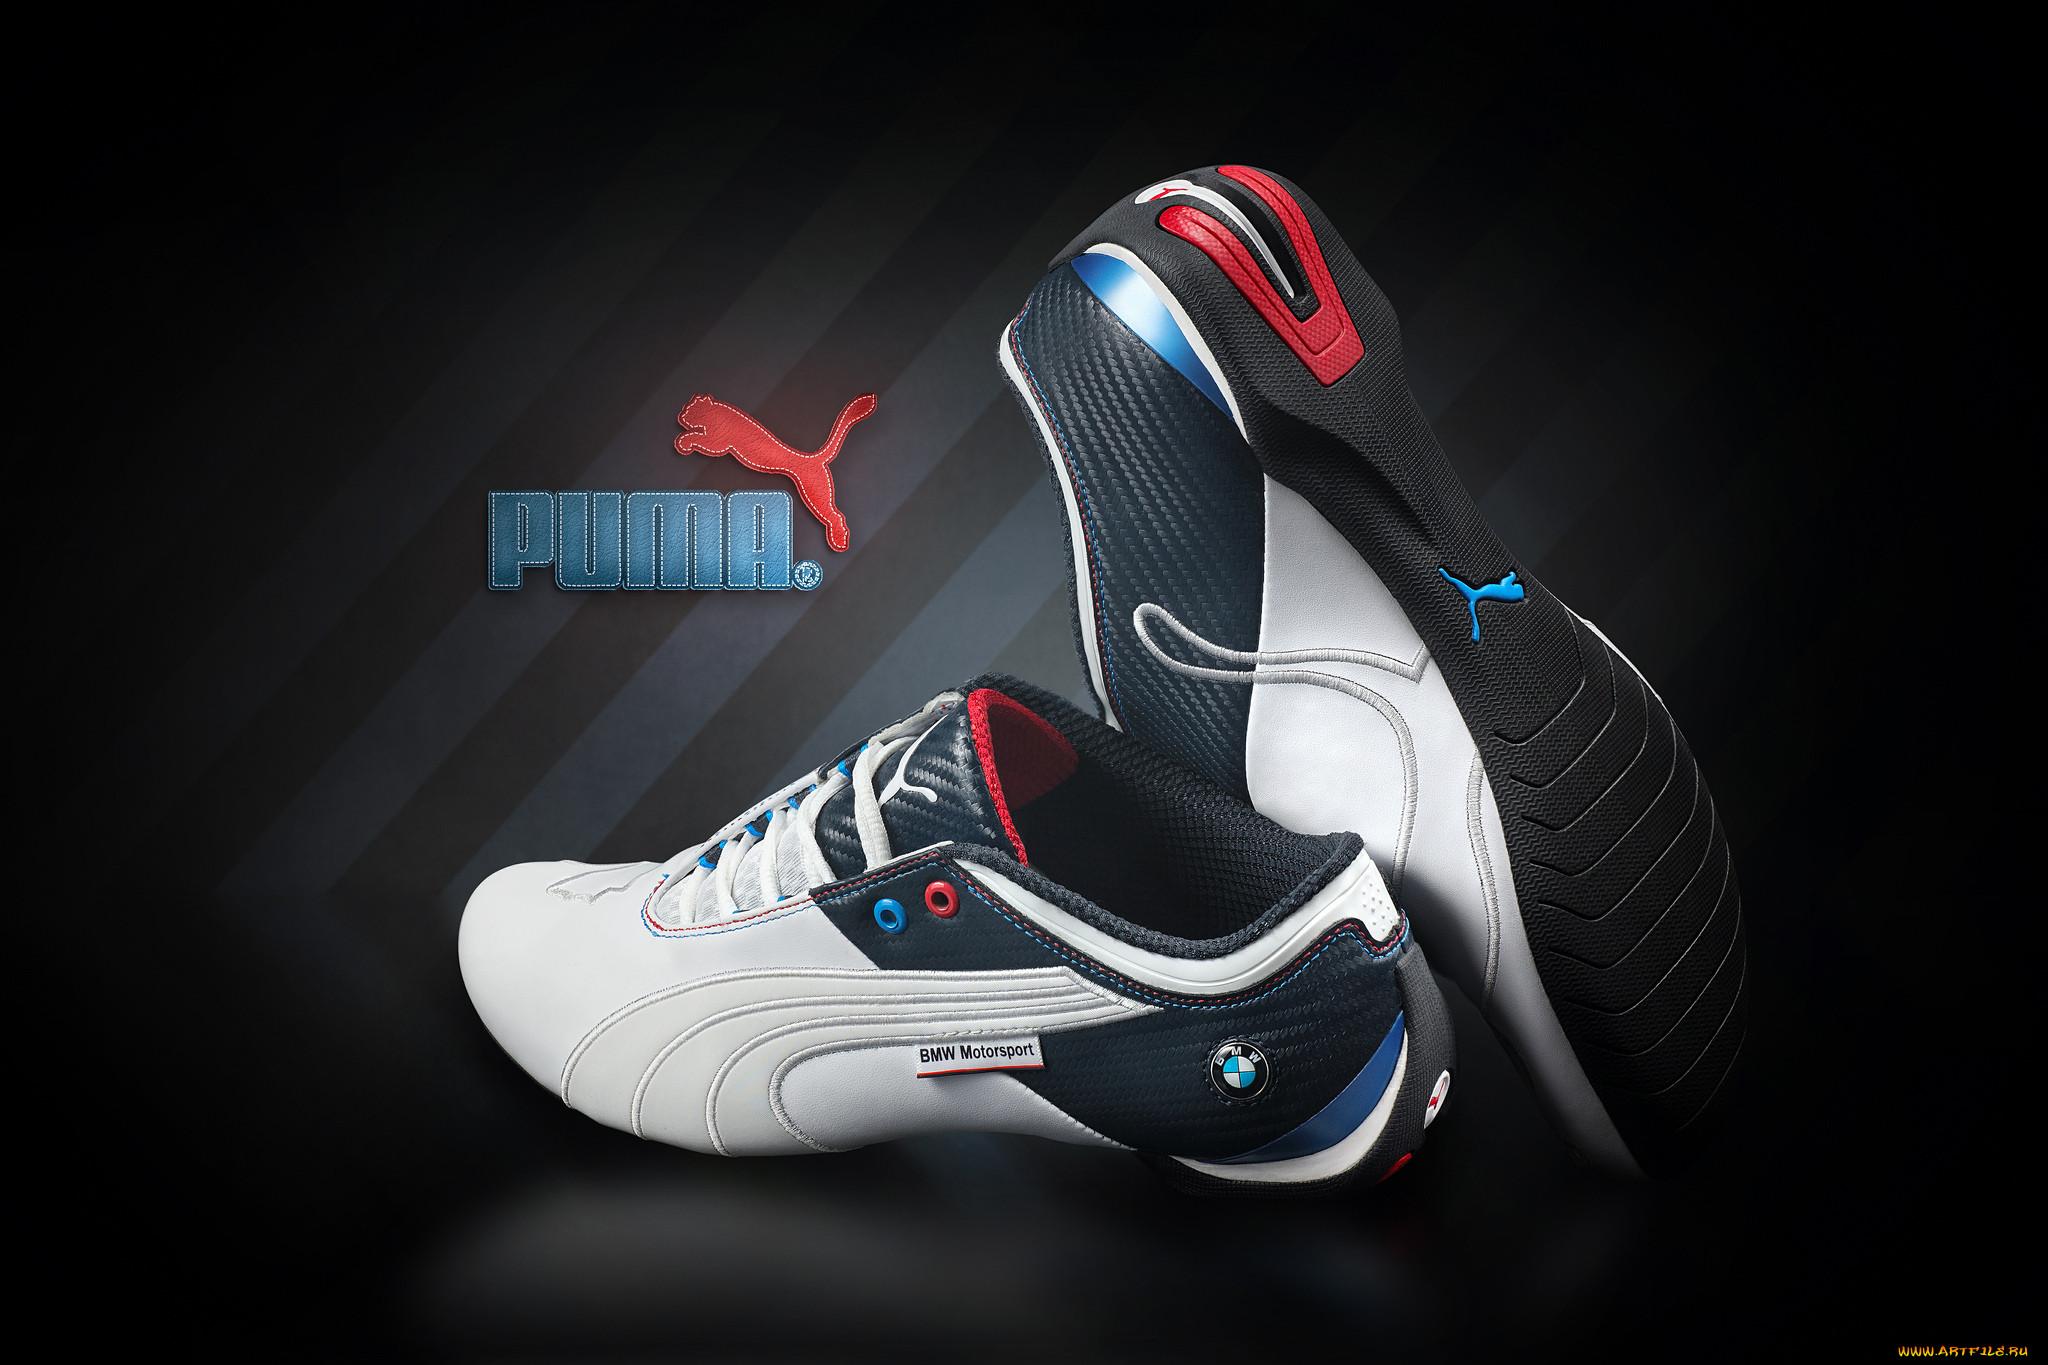 puma motorsport, бренды, puma, обувь, спортивная